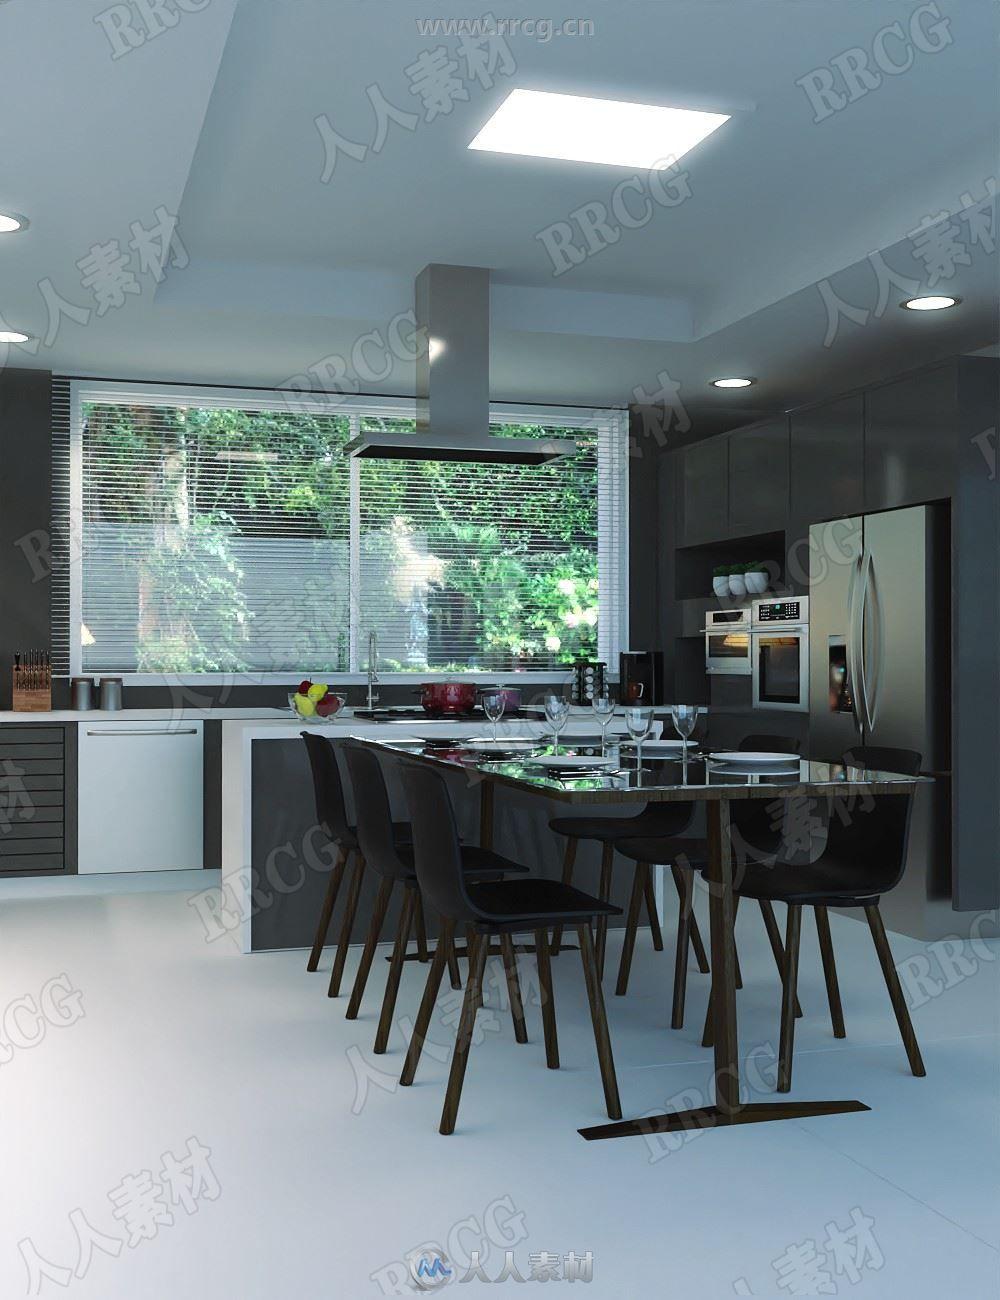 整洁开放式餐厅厨房一体环境3D模型合集